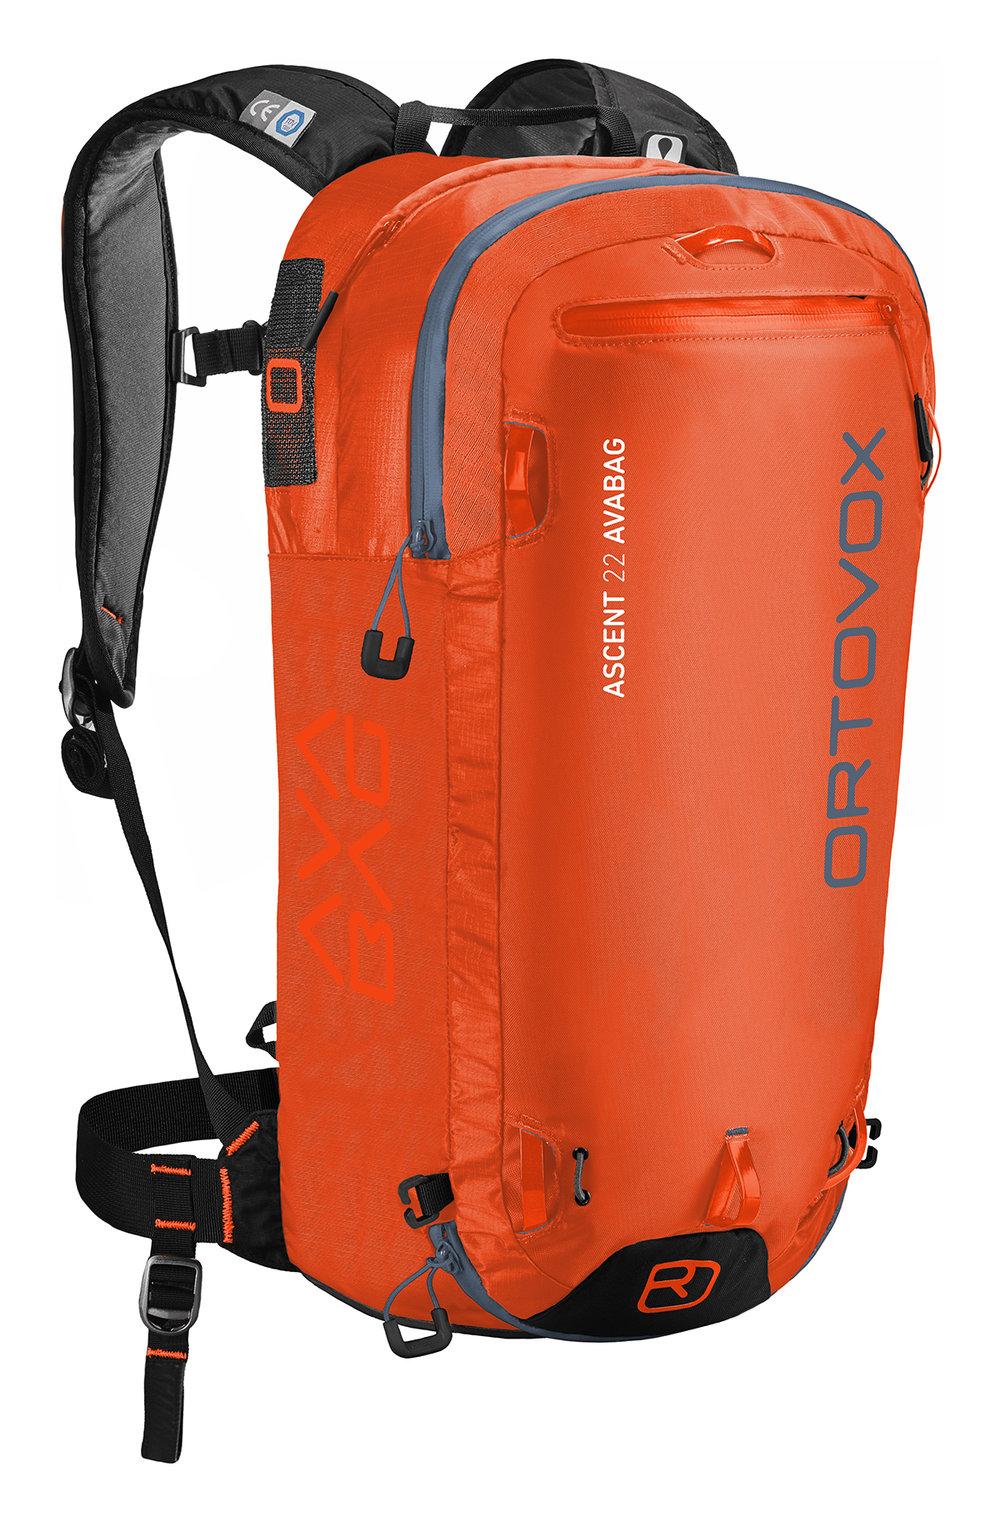 AVABAG-ASCENT-22-46108-crazy-orange-MidRes.jpg